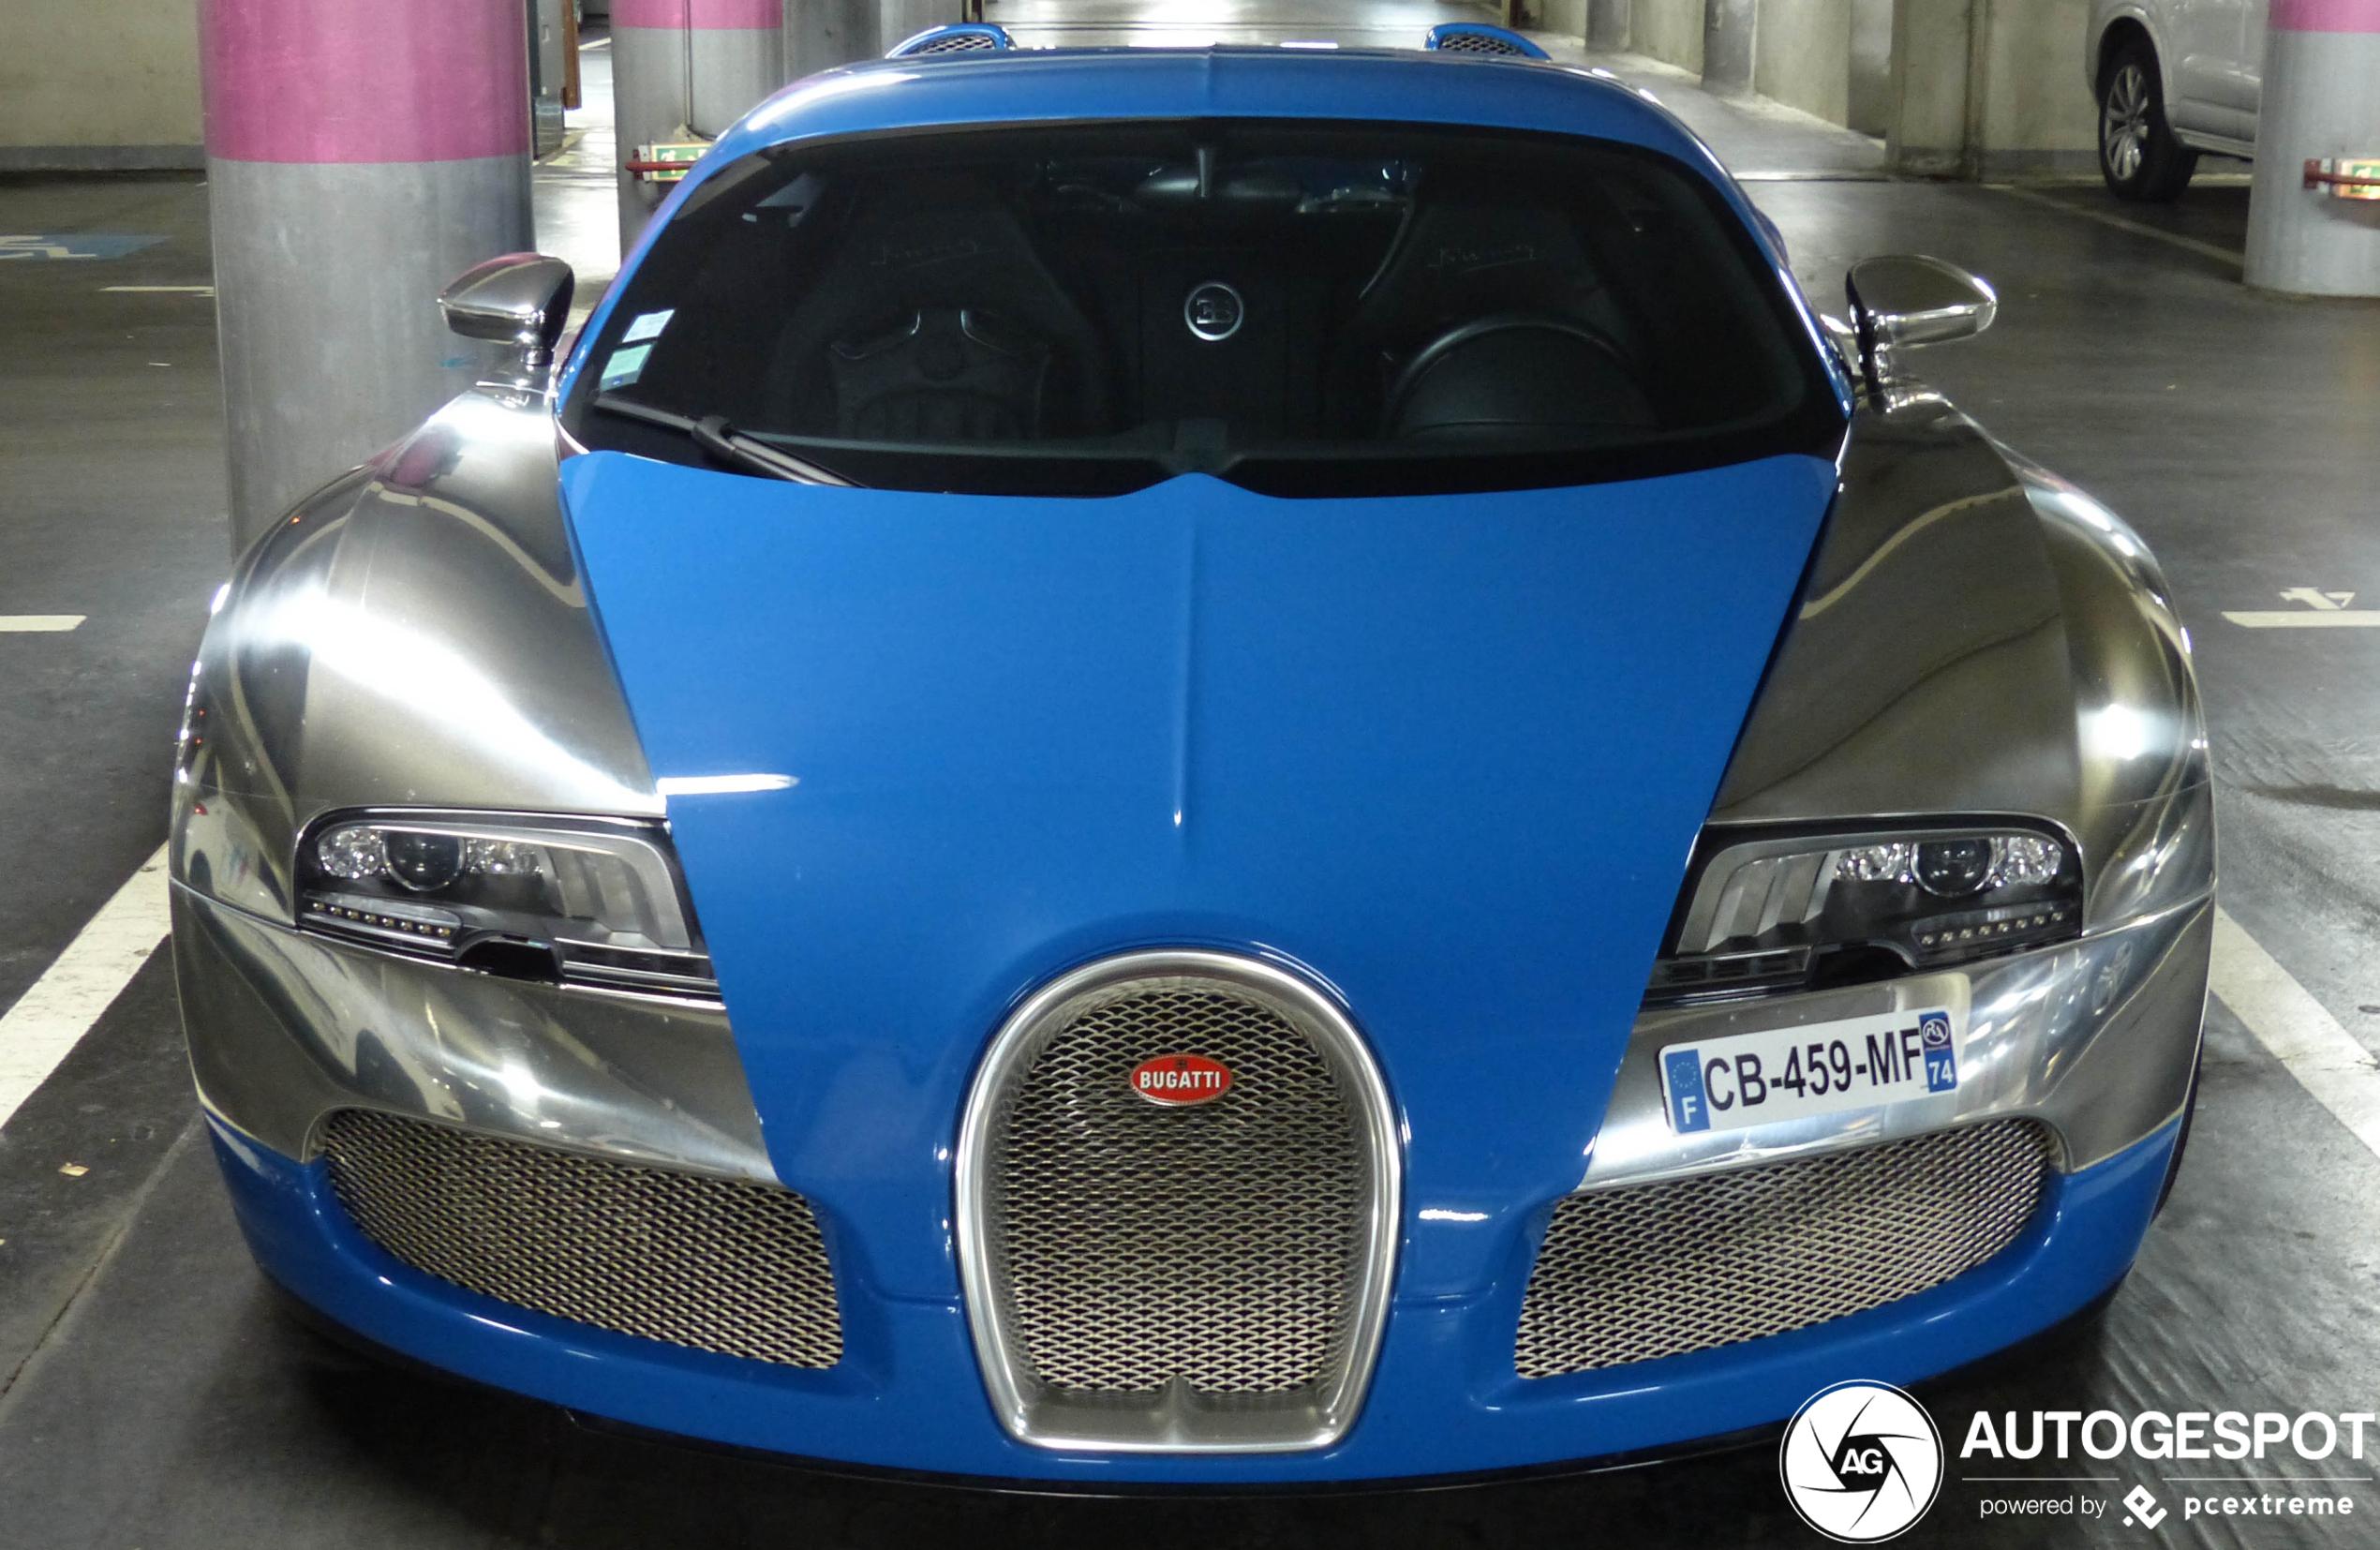 Topspot: op de knieën voor de Bugatti Veyron 16.4 Centenaire